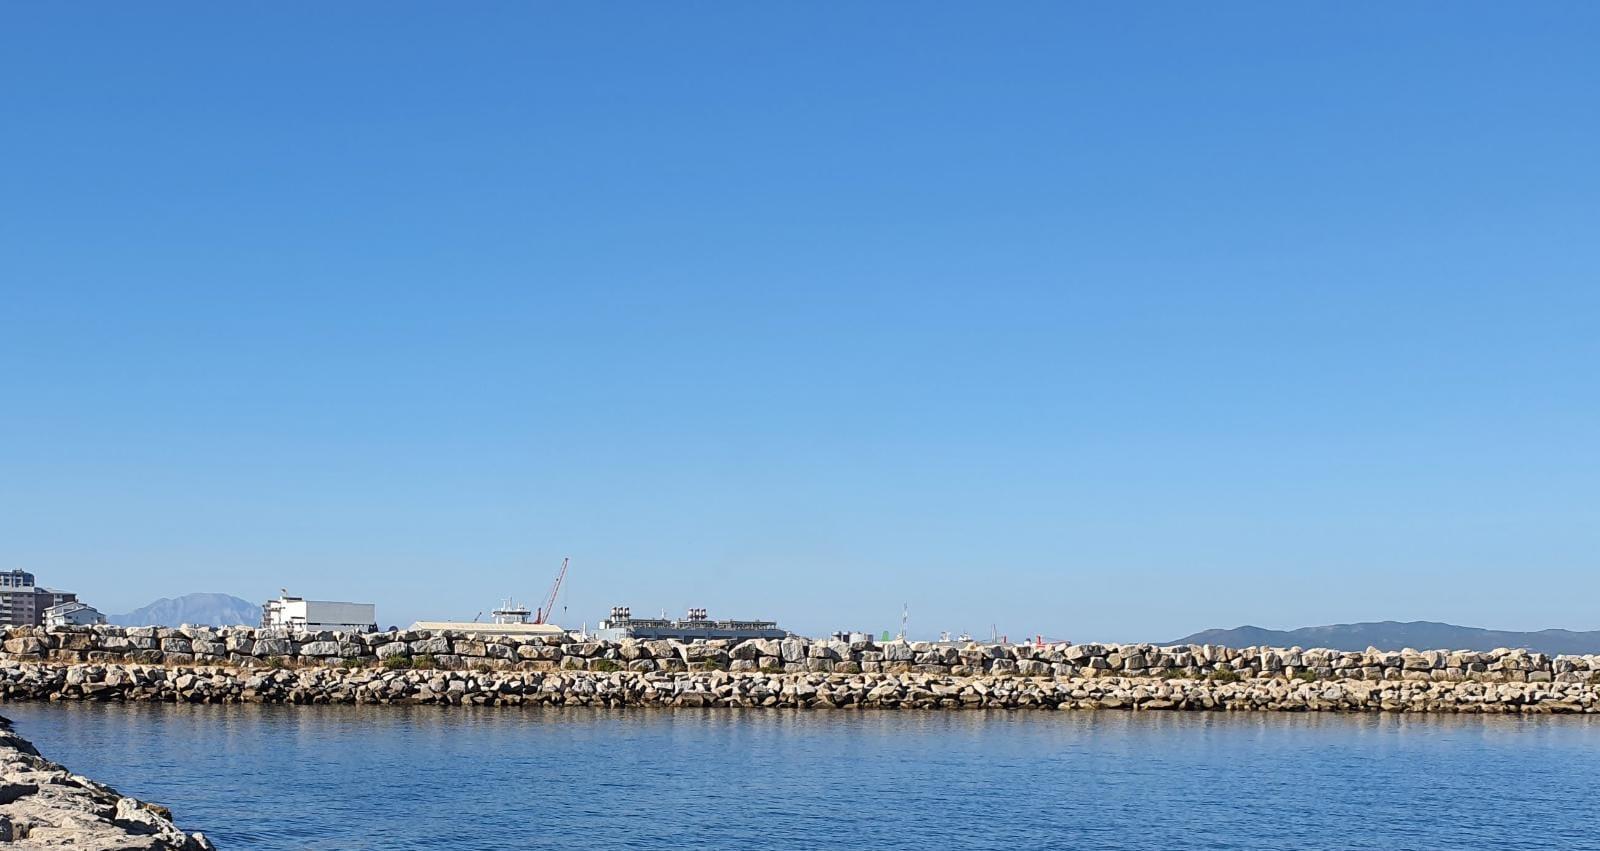 Zona afectada por el proyecto. Foto NG